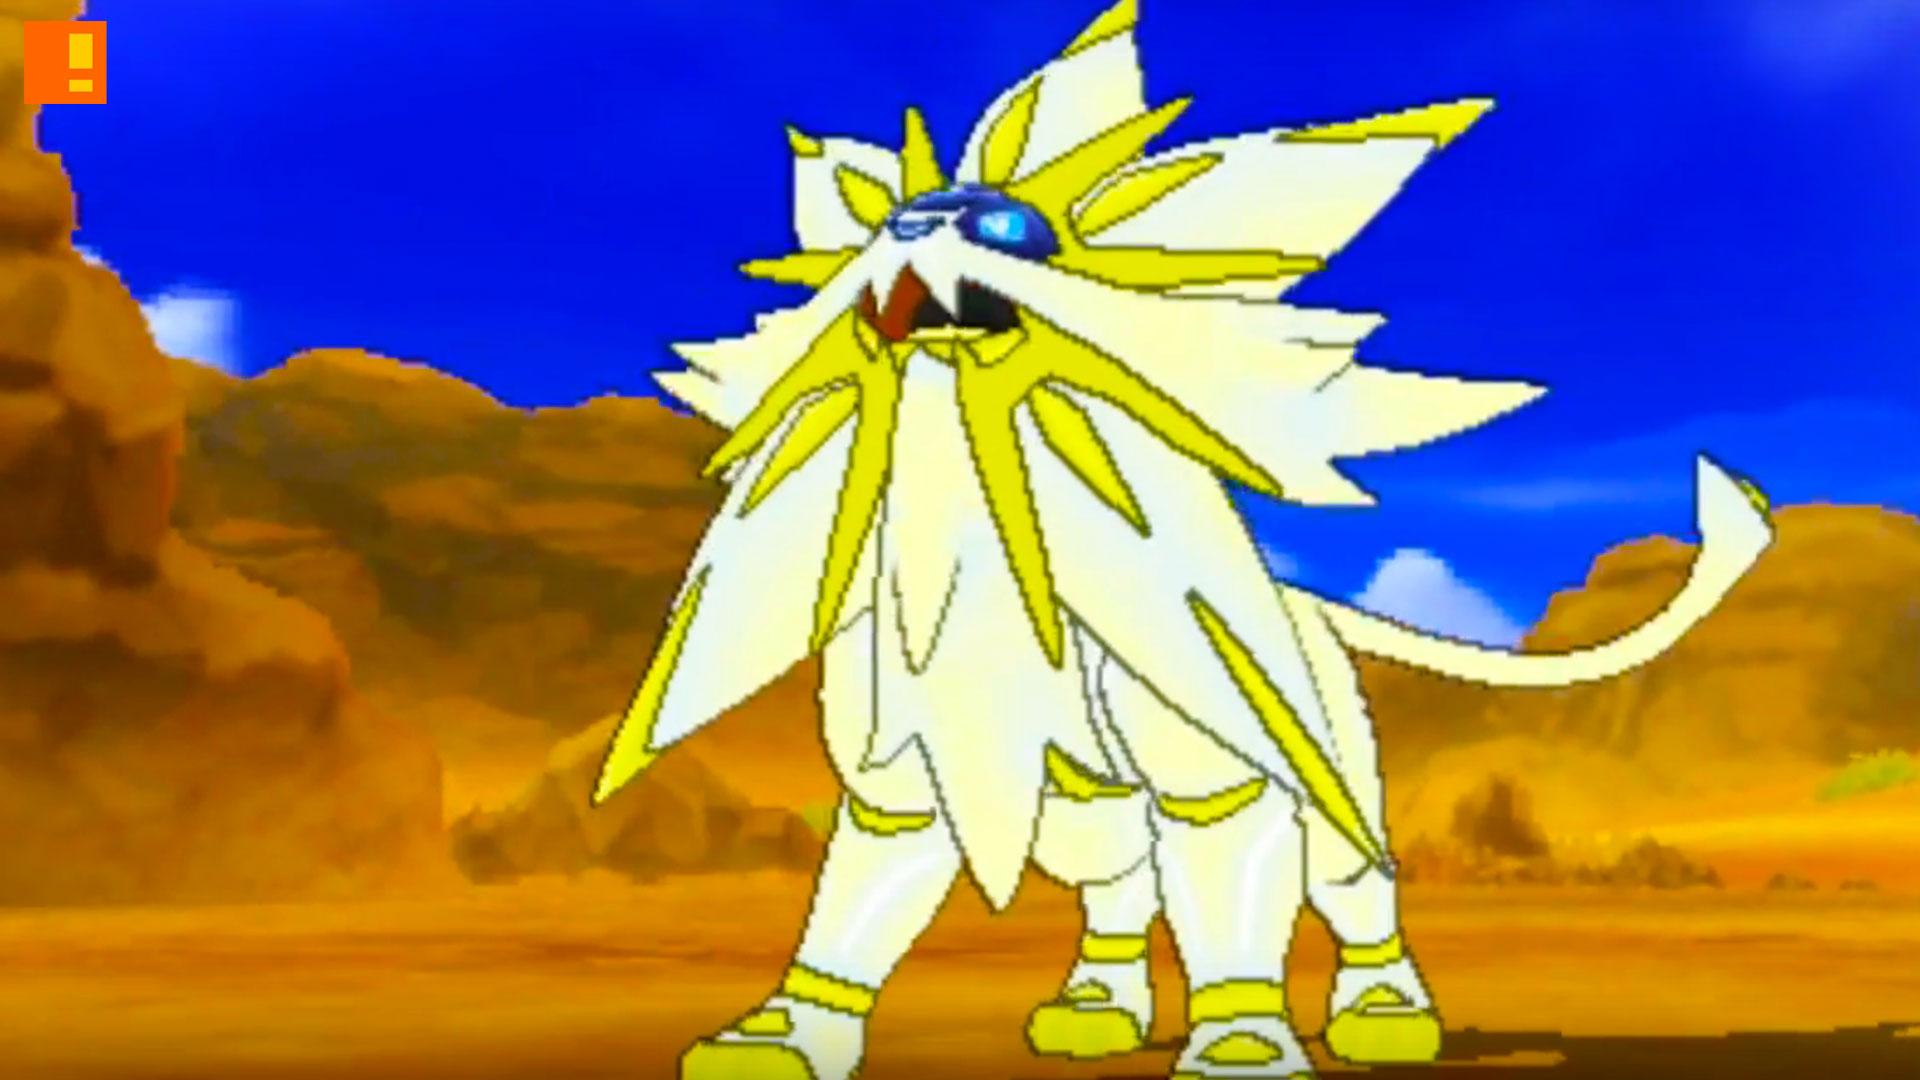 pokemon sun, pokemon moon, pokémon, pokémon moon, pokémon sun, alola region, alola, solgaleo, lunlana